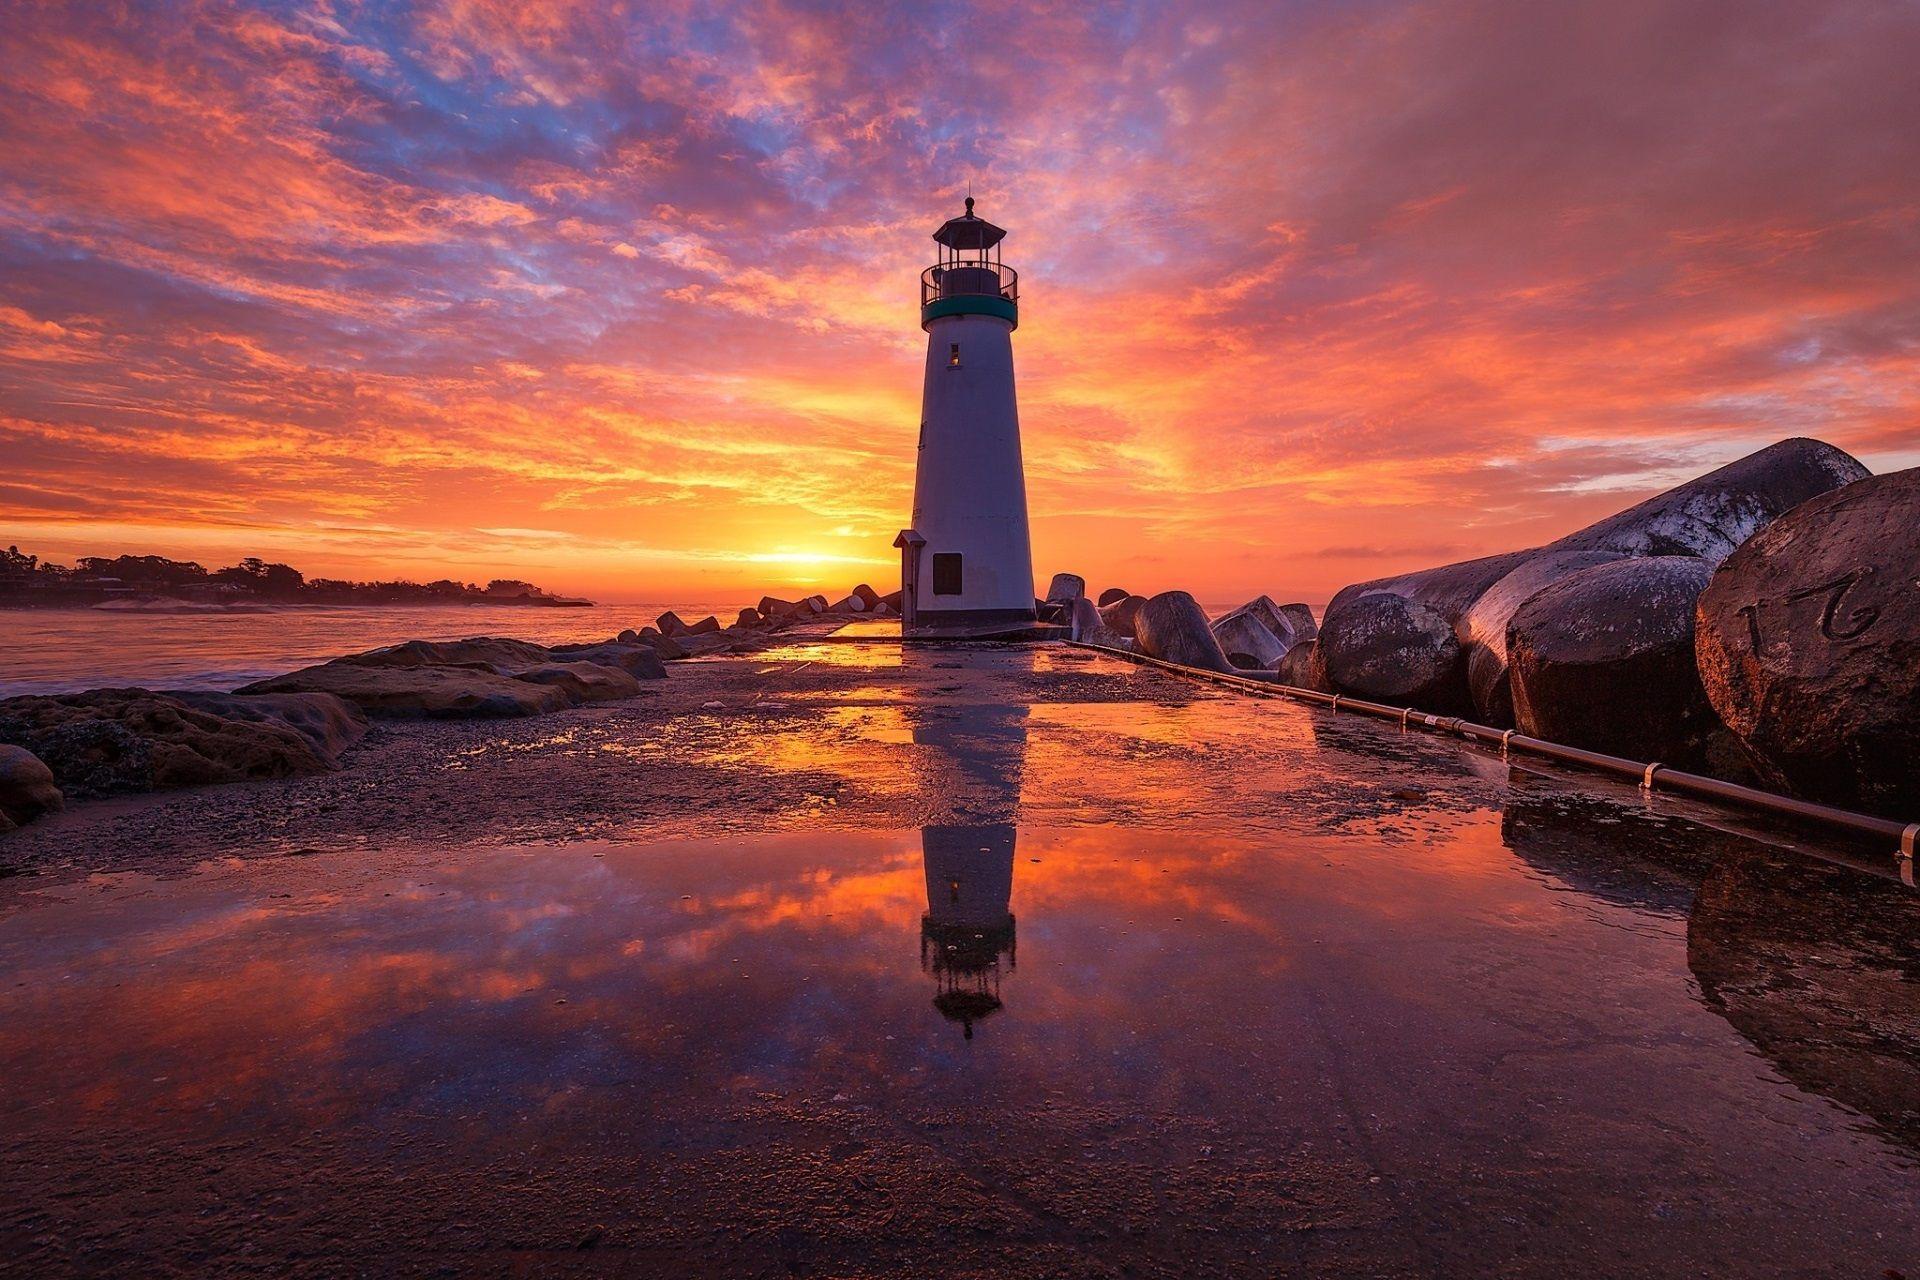 красивые фото маяков большого разрешения напечатать свадебные или